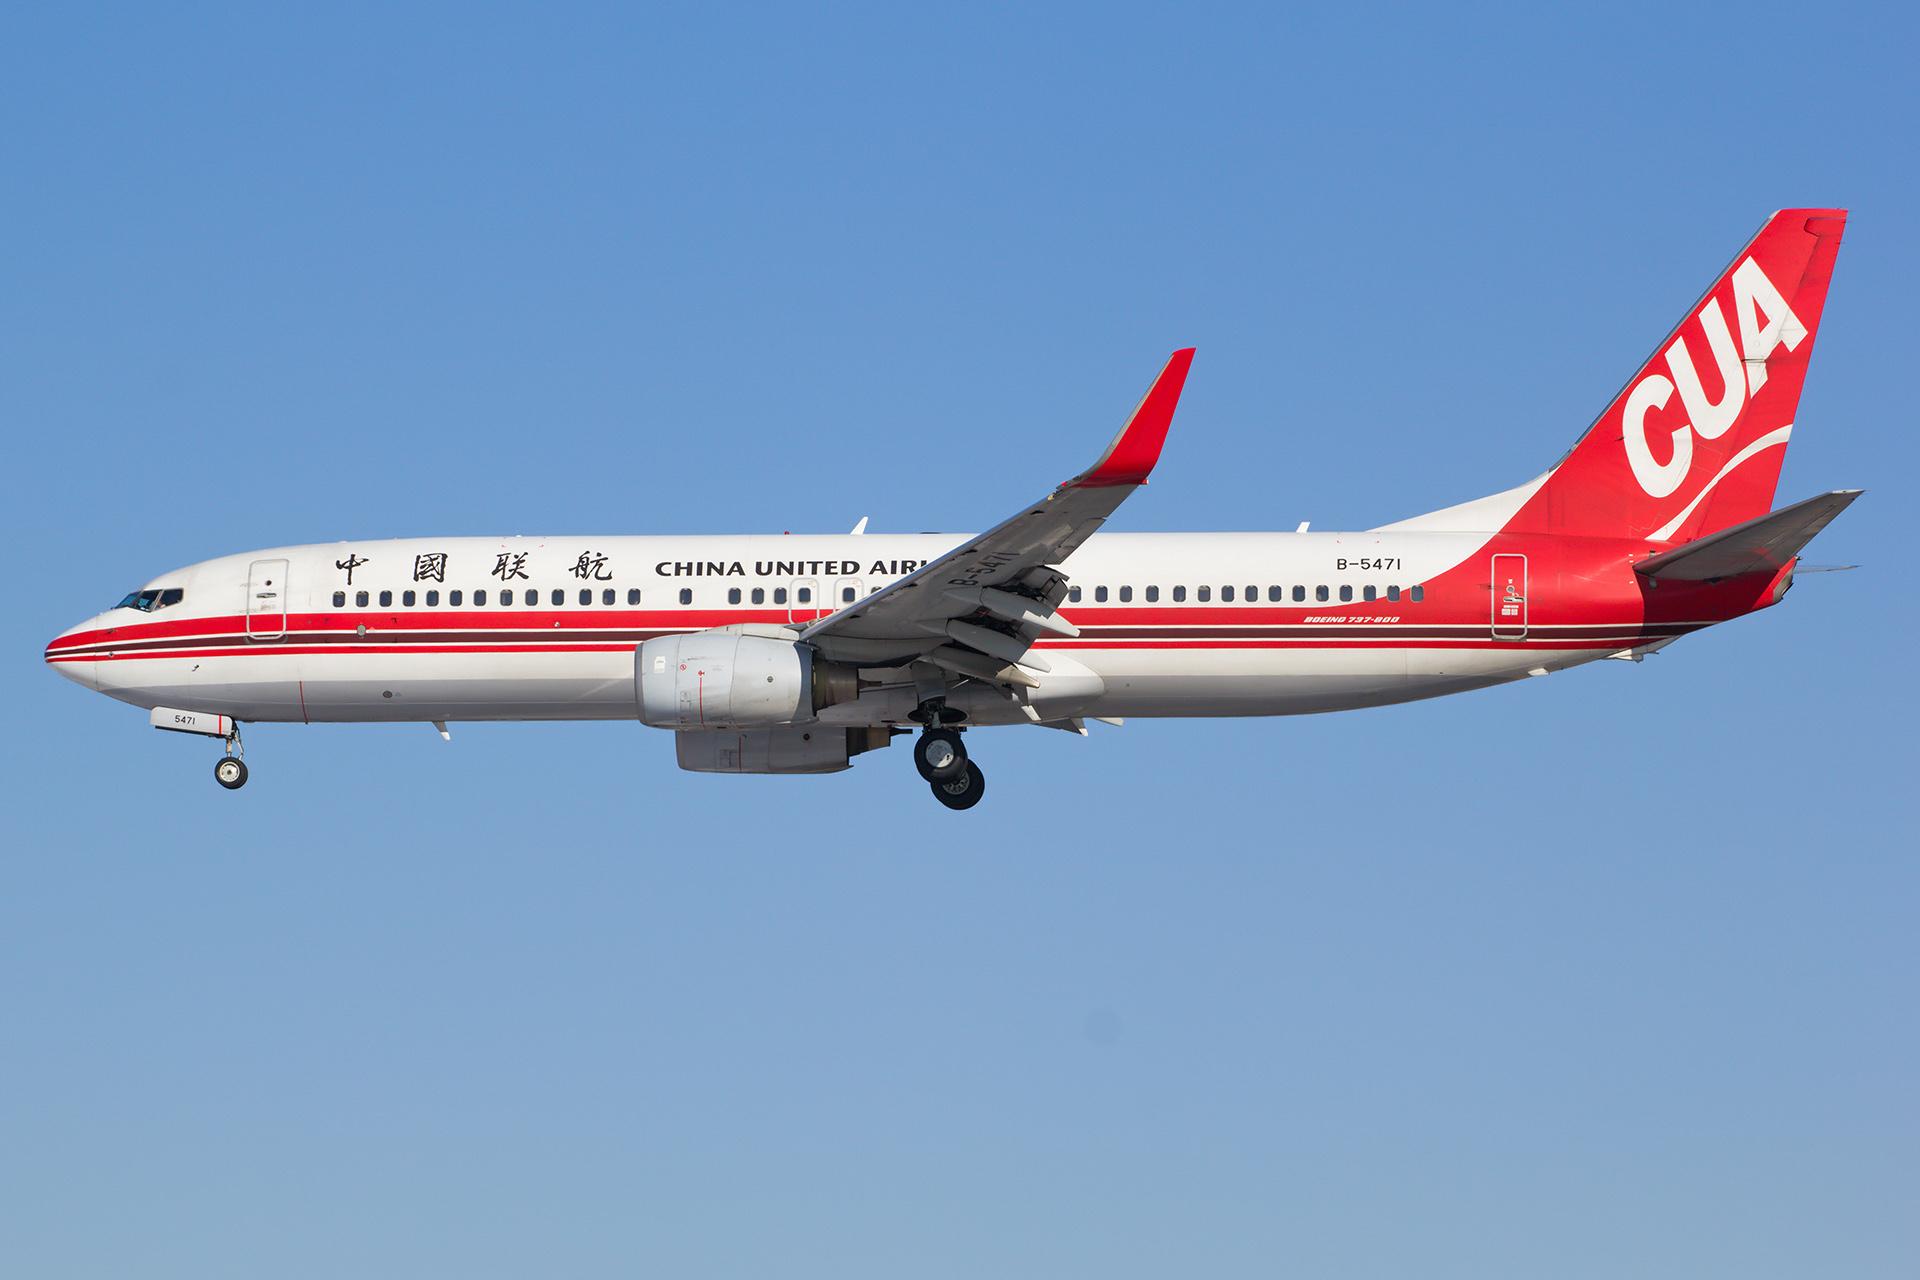 Re:[原创][DLC]。。。雪后 。。。 BOEING 737-800 B-5471 中国大连国际机场